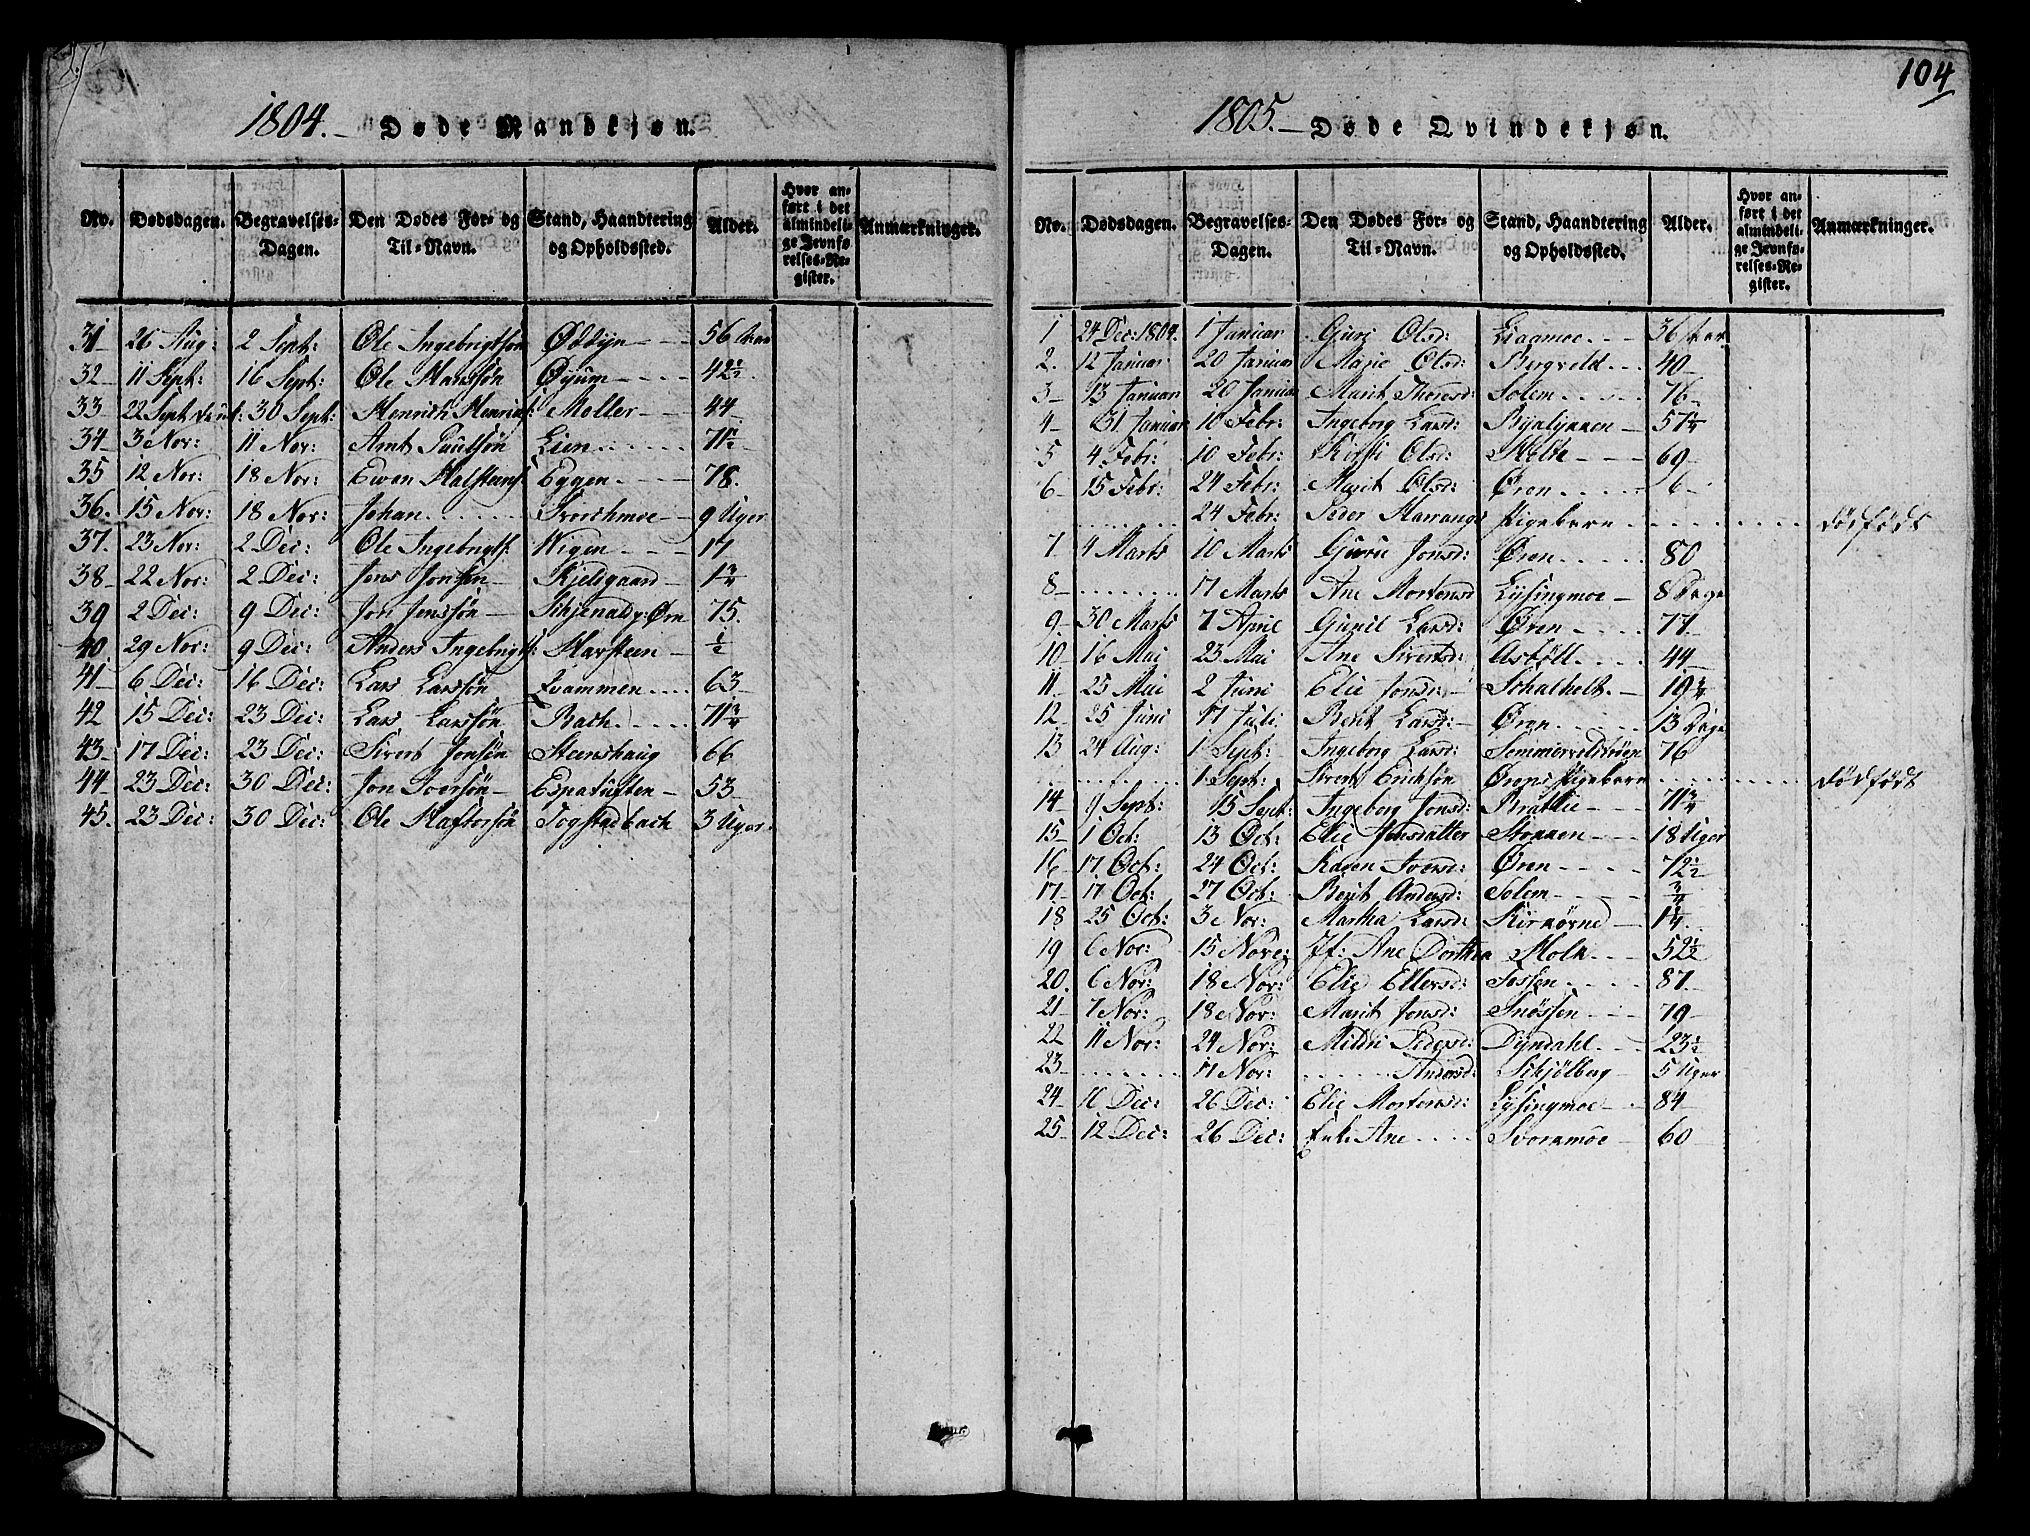 SAT, Ministerialprotokoller, klokkerbøker og fødselsregistre - Sør-Trøndelag, 668/L0803: Ministerialbok nr. 668A03, 1800-1826, s. 104